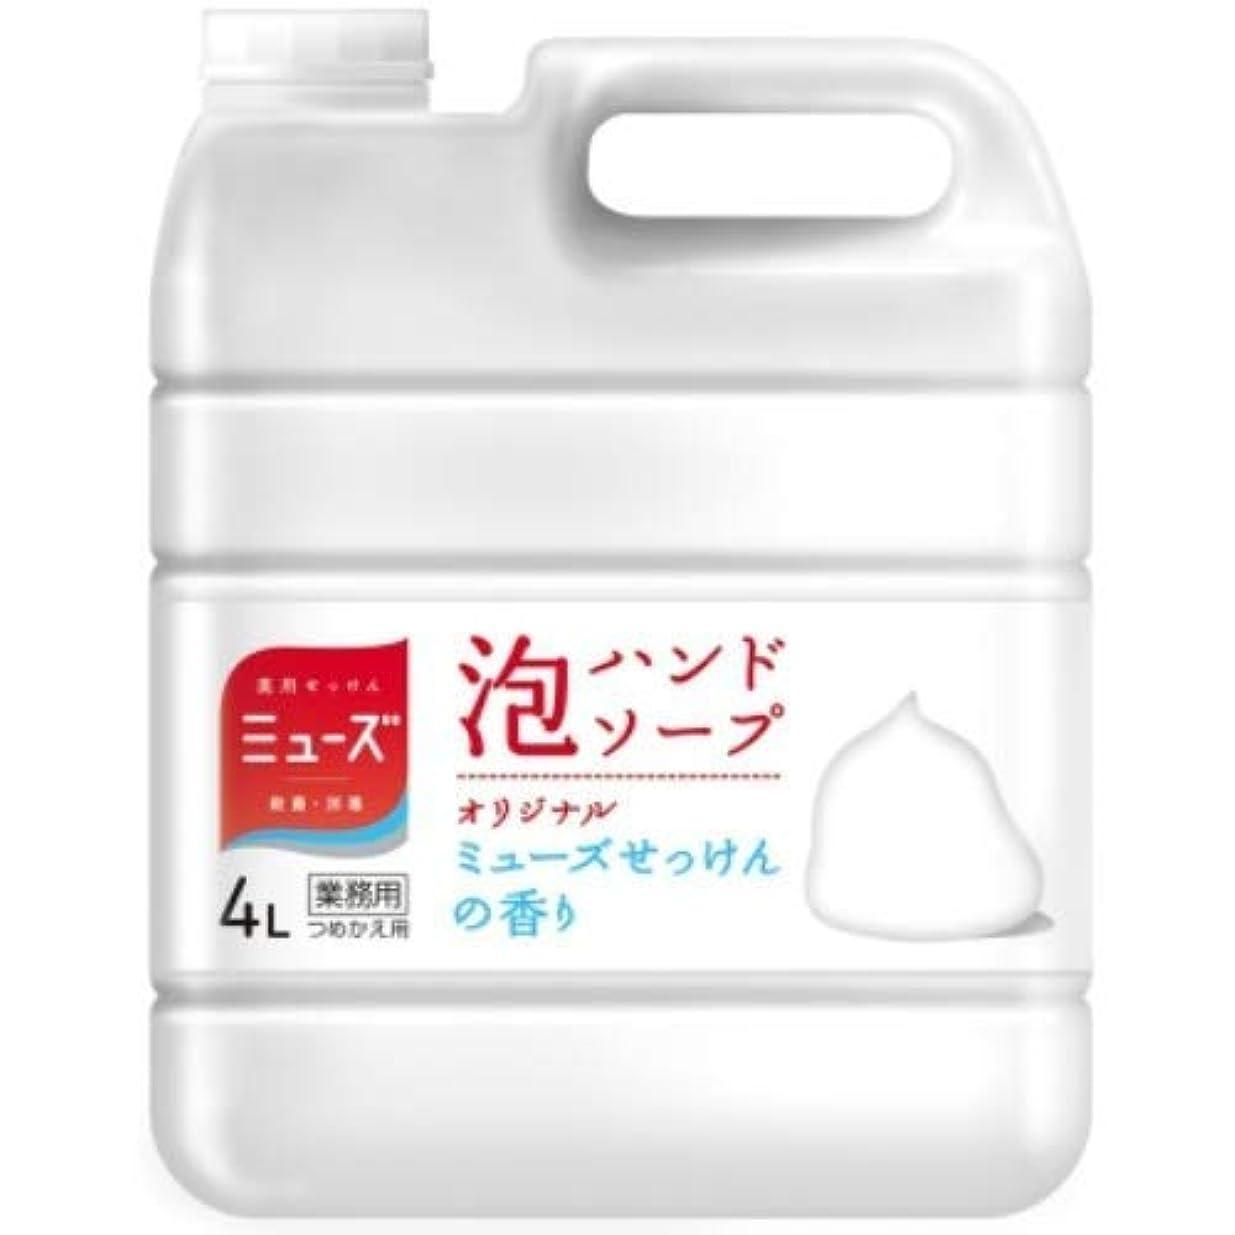 パトロール制限されたクリスマス【医薬部外品】泡ミューズ オリジナル 4L